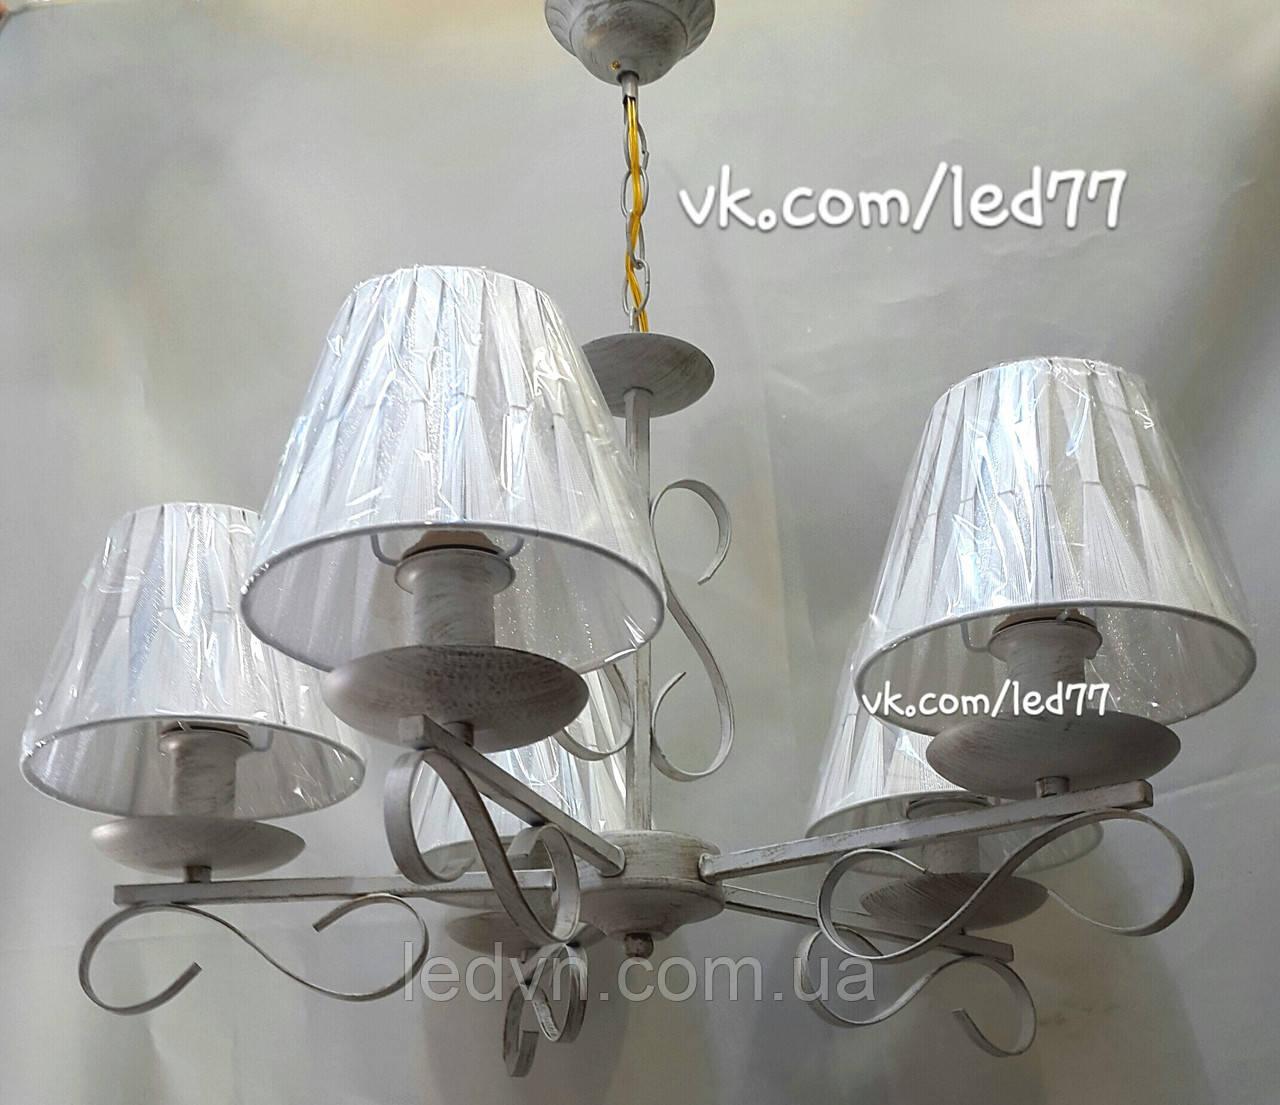 Классическая подвесная люстра с абажурамиНа 5 лампочек